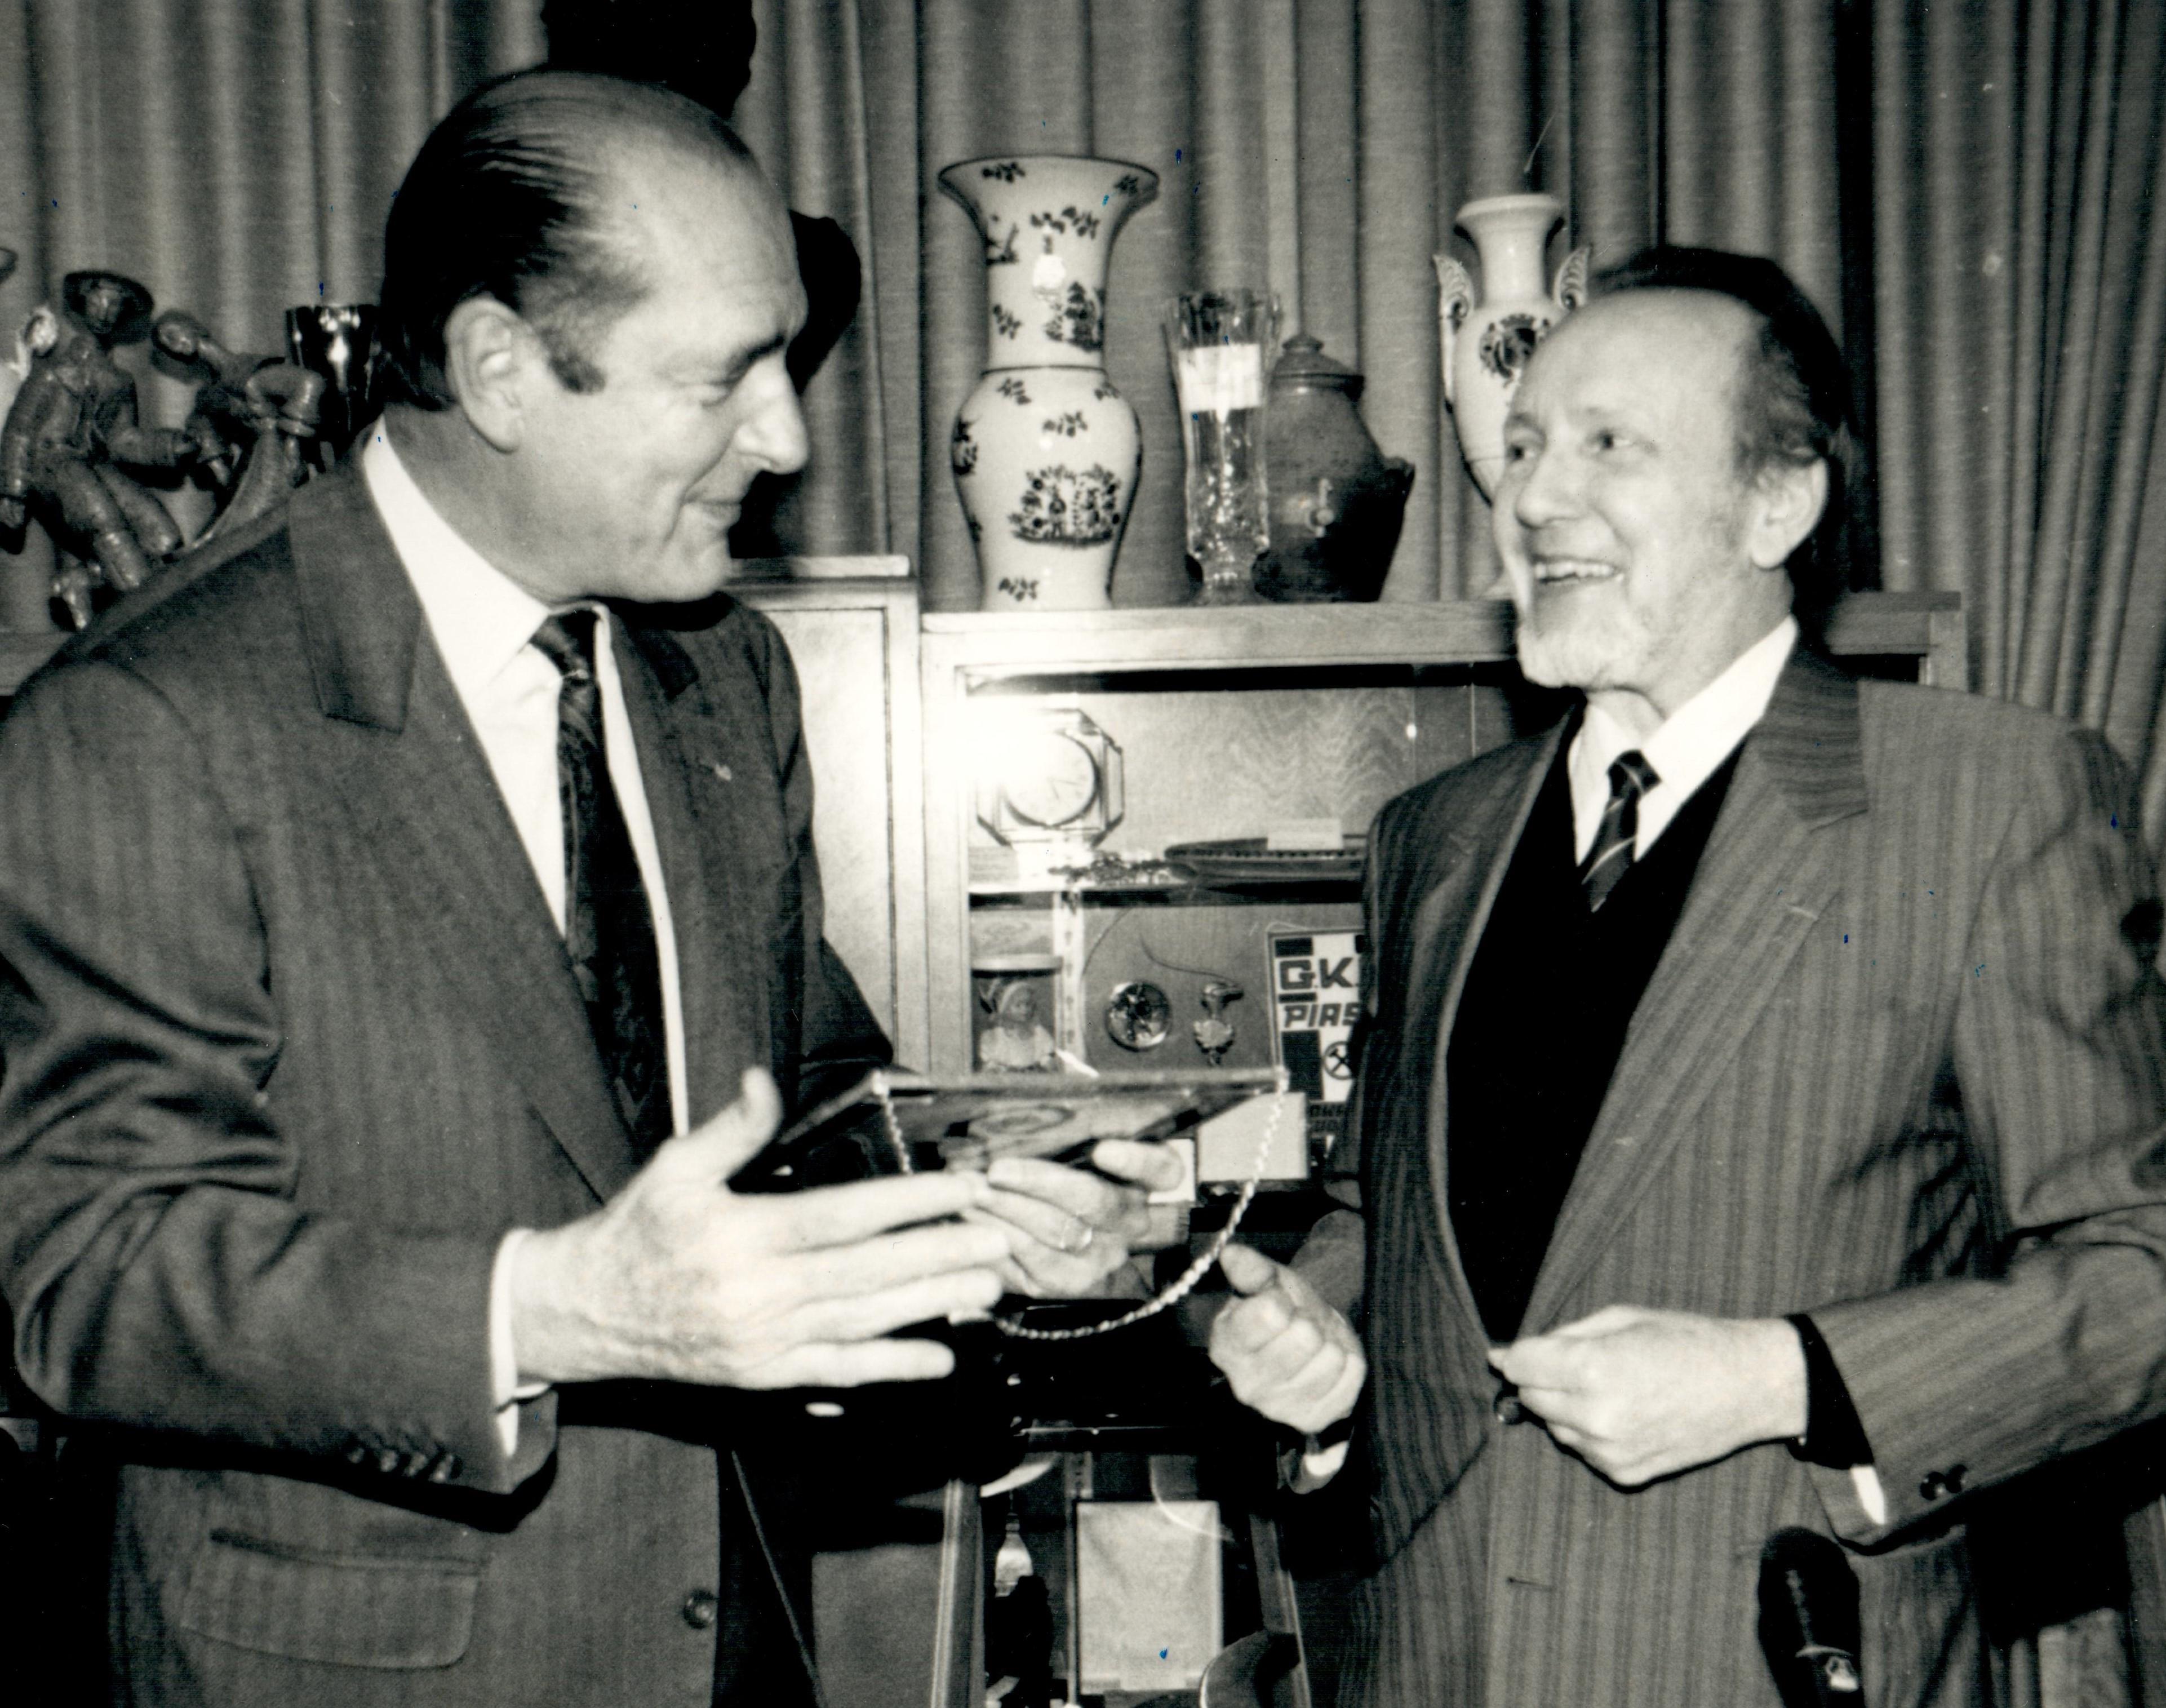 1992-12-02 - René ARNOLD - accueil de Jacques CHIRAC - Maire de Paris.jpg